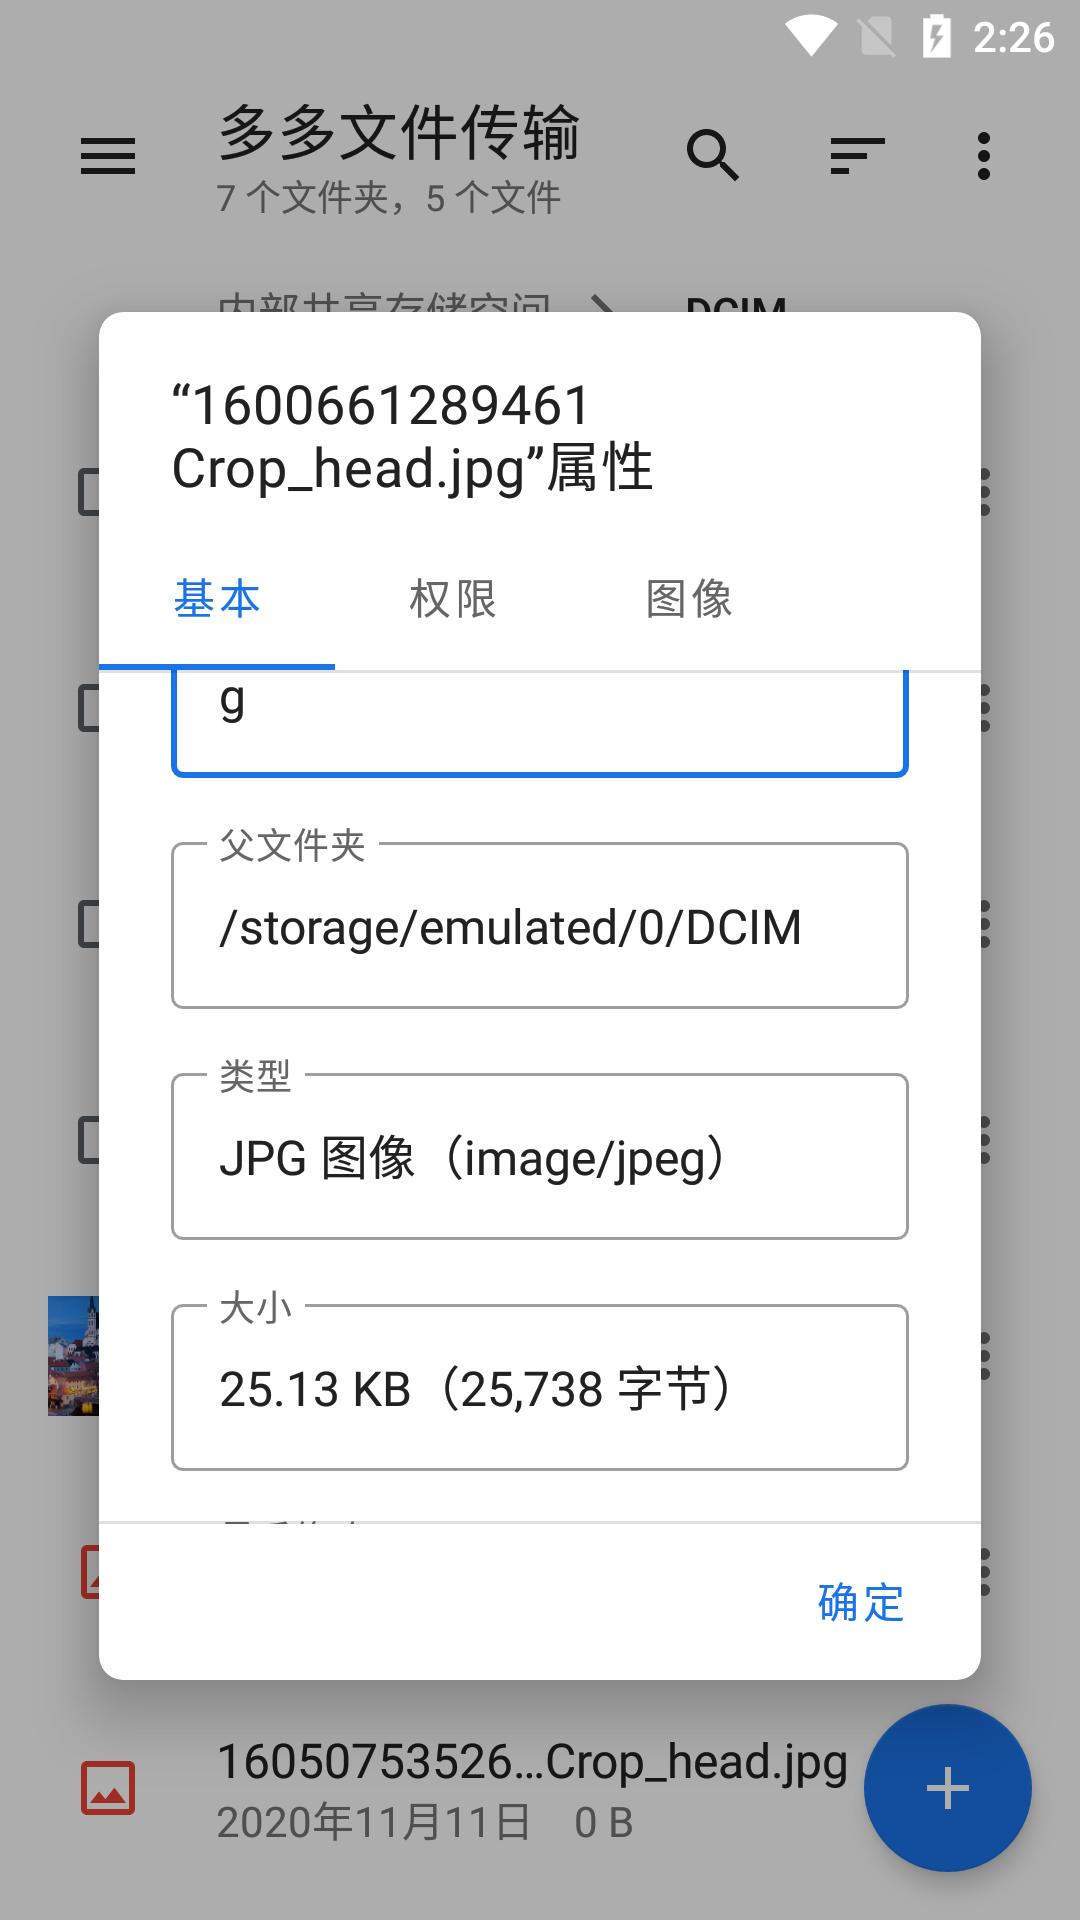 多多文件传输APP官方版图2: